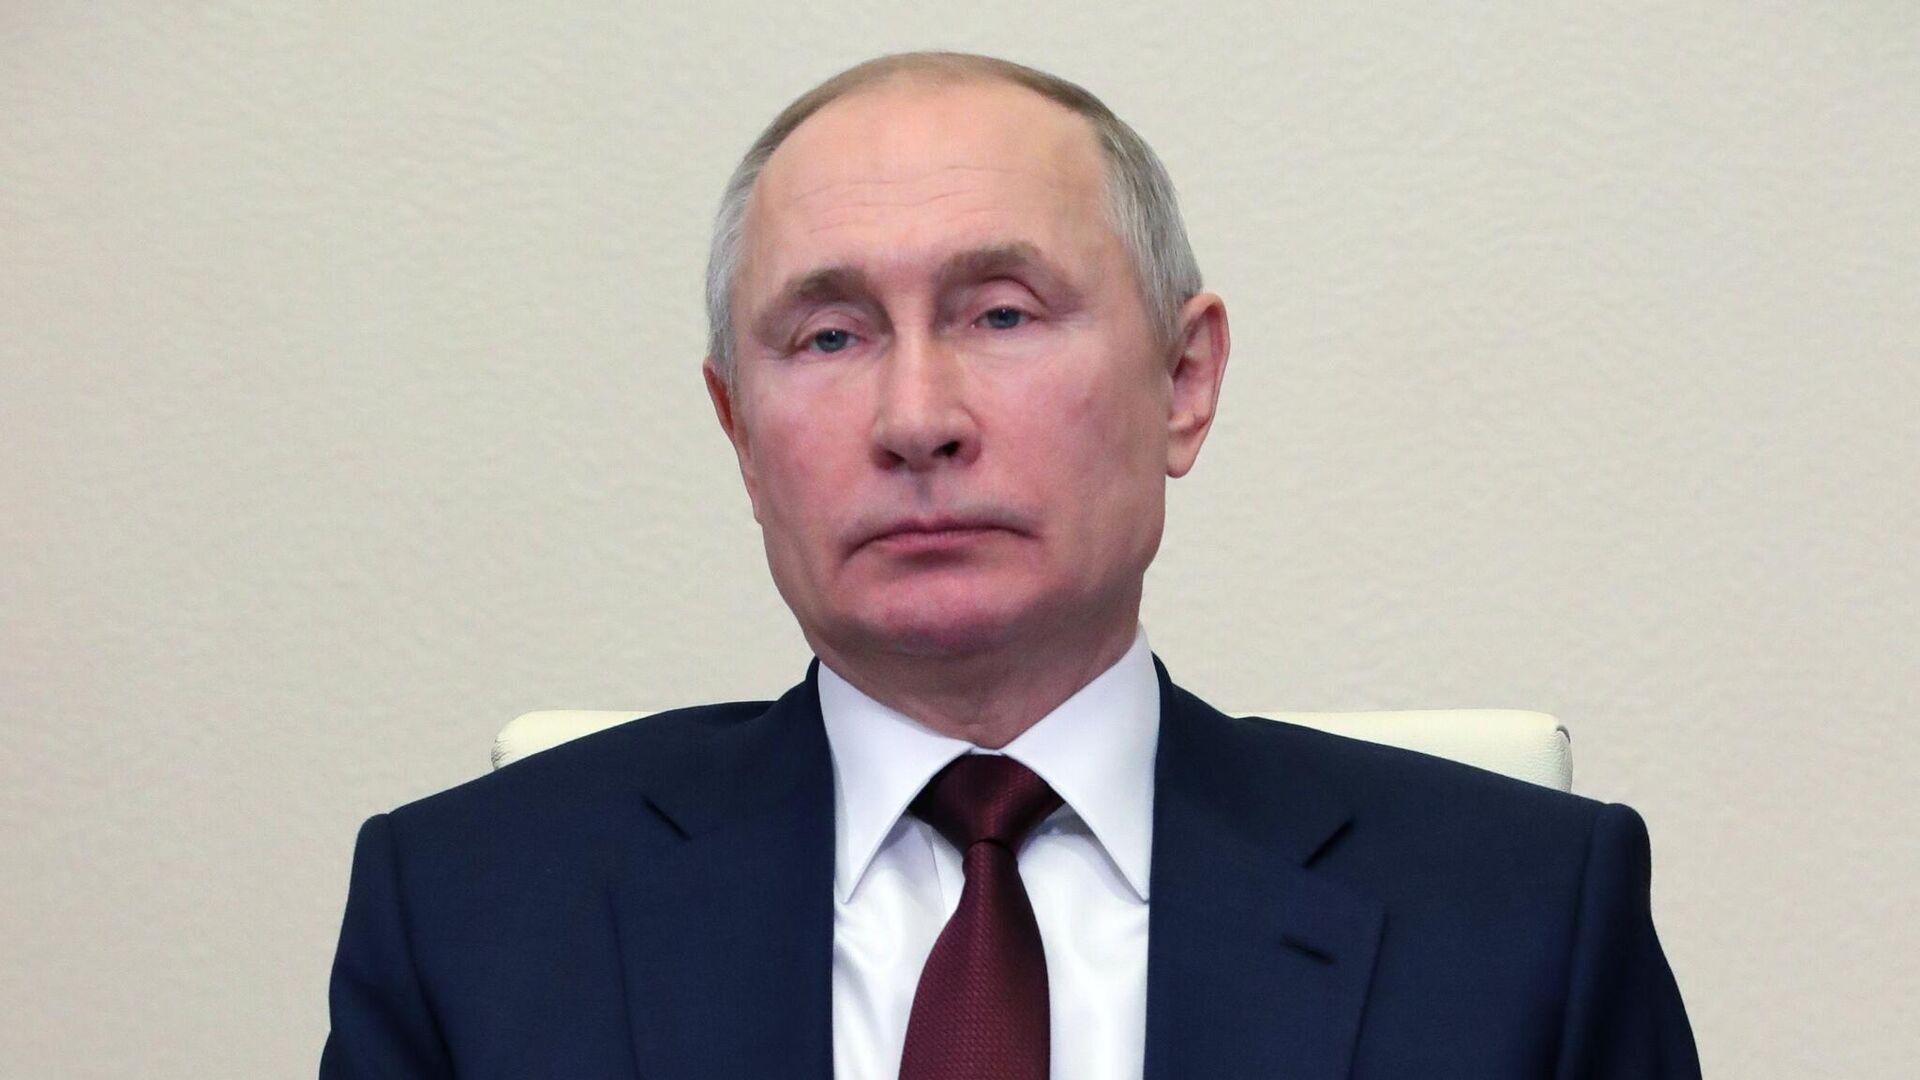 Президент РФ Владимир Путин проводит заседание Совета по науке и образованию в режиме видеоконференции - РИА Новости, 1920, 10.02.2021